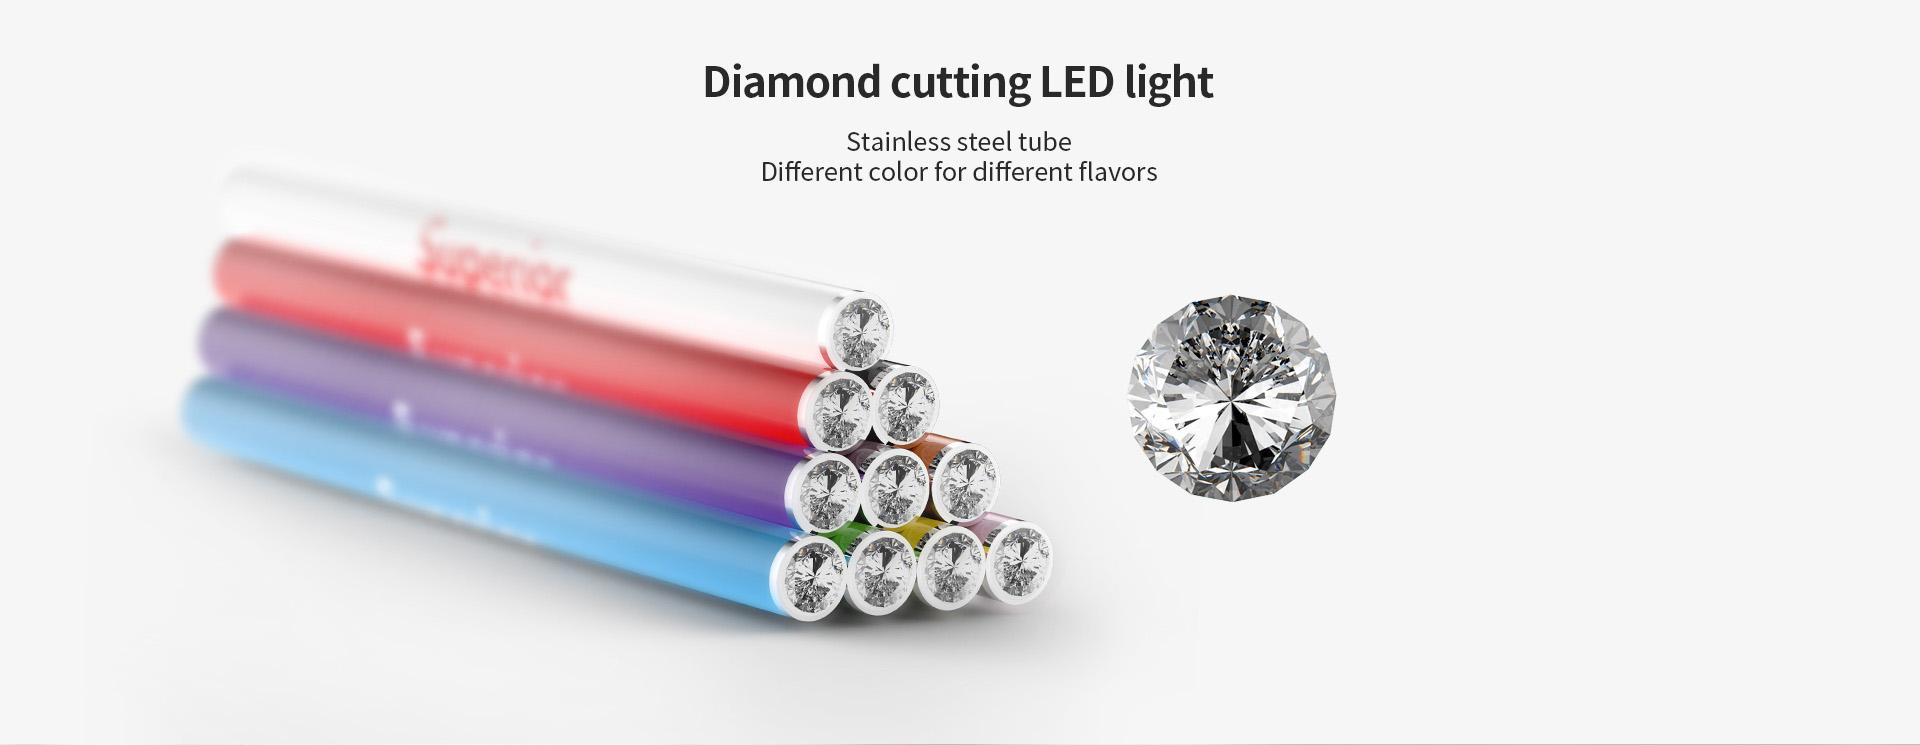 Superior LED